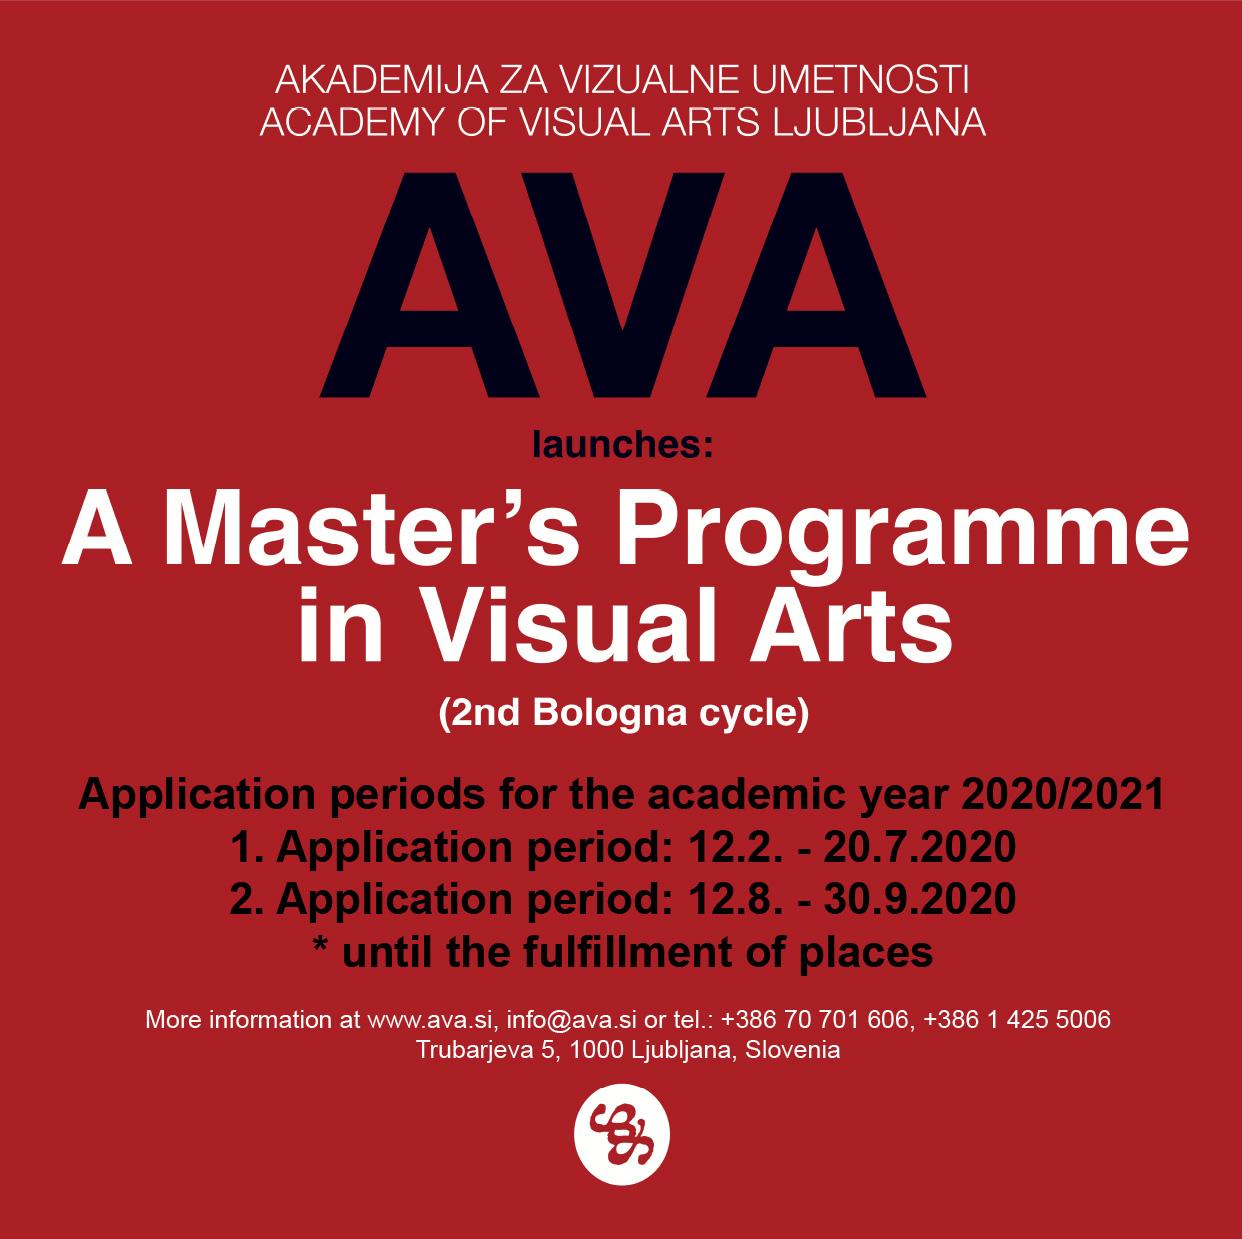 Enrollment in Master's Programme